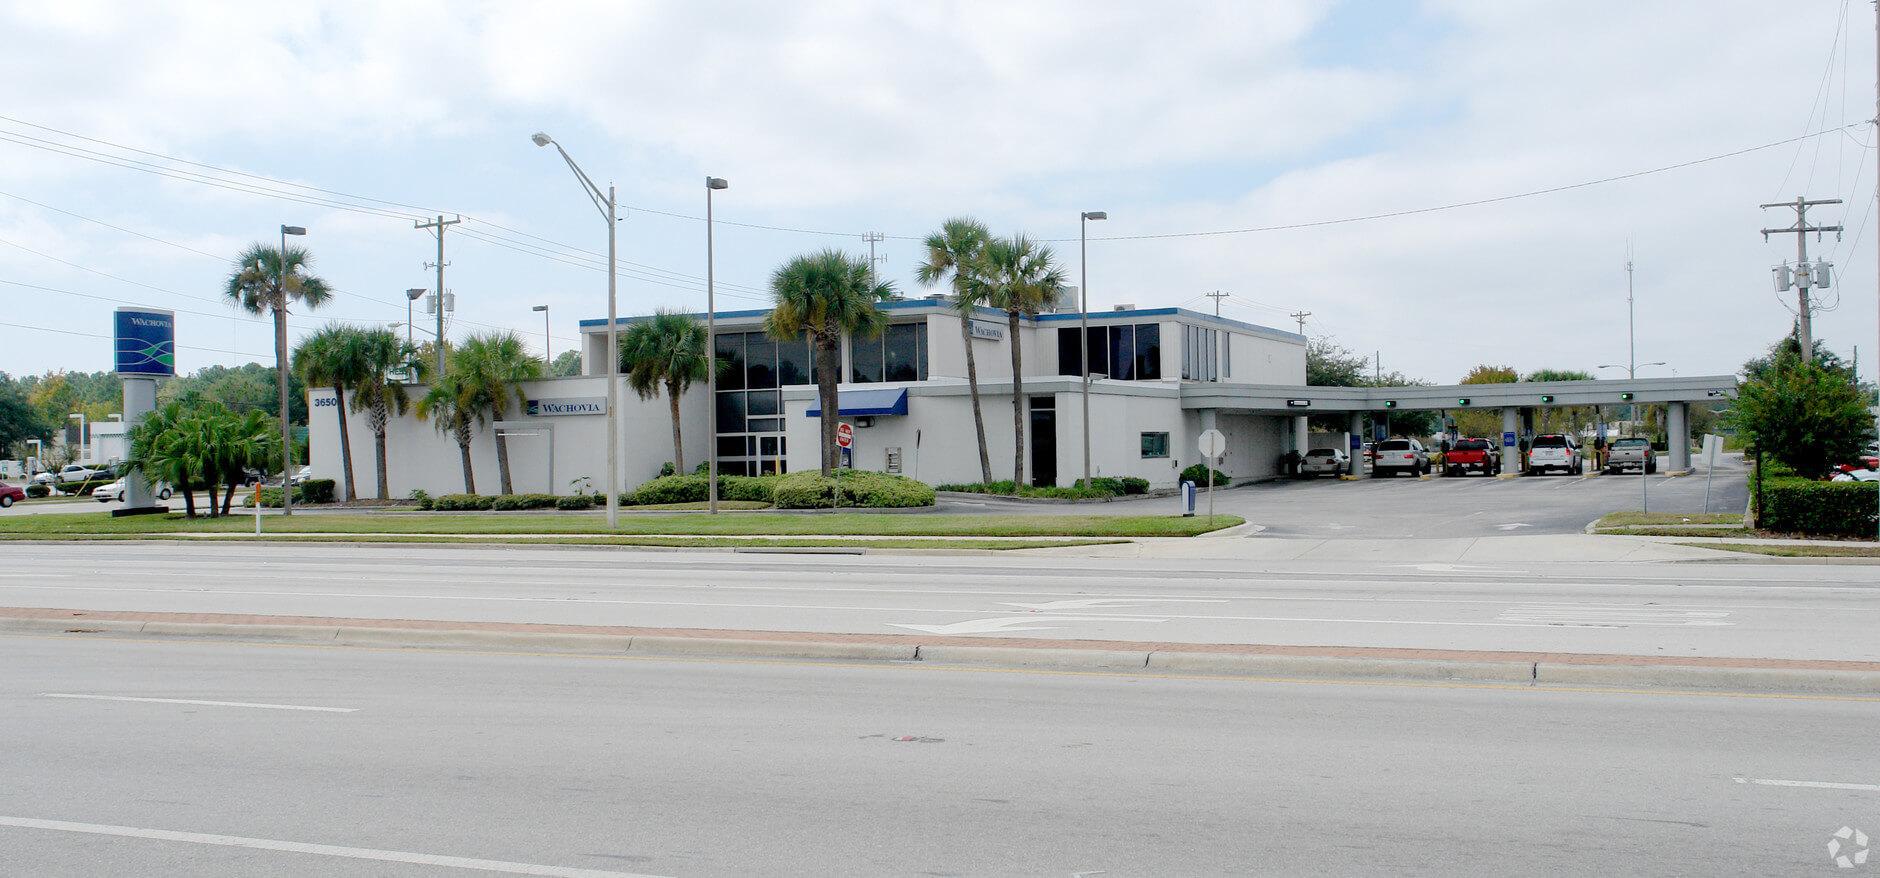 Wells Fargo Building For Sale in Jacksonville